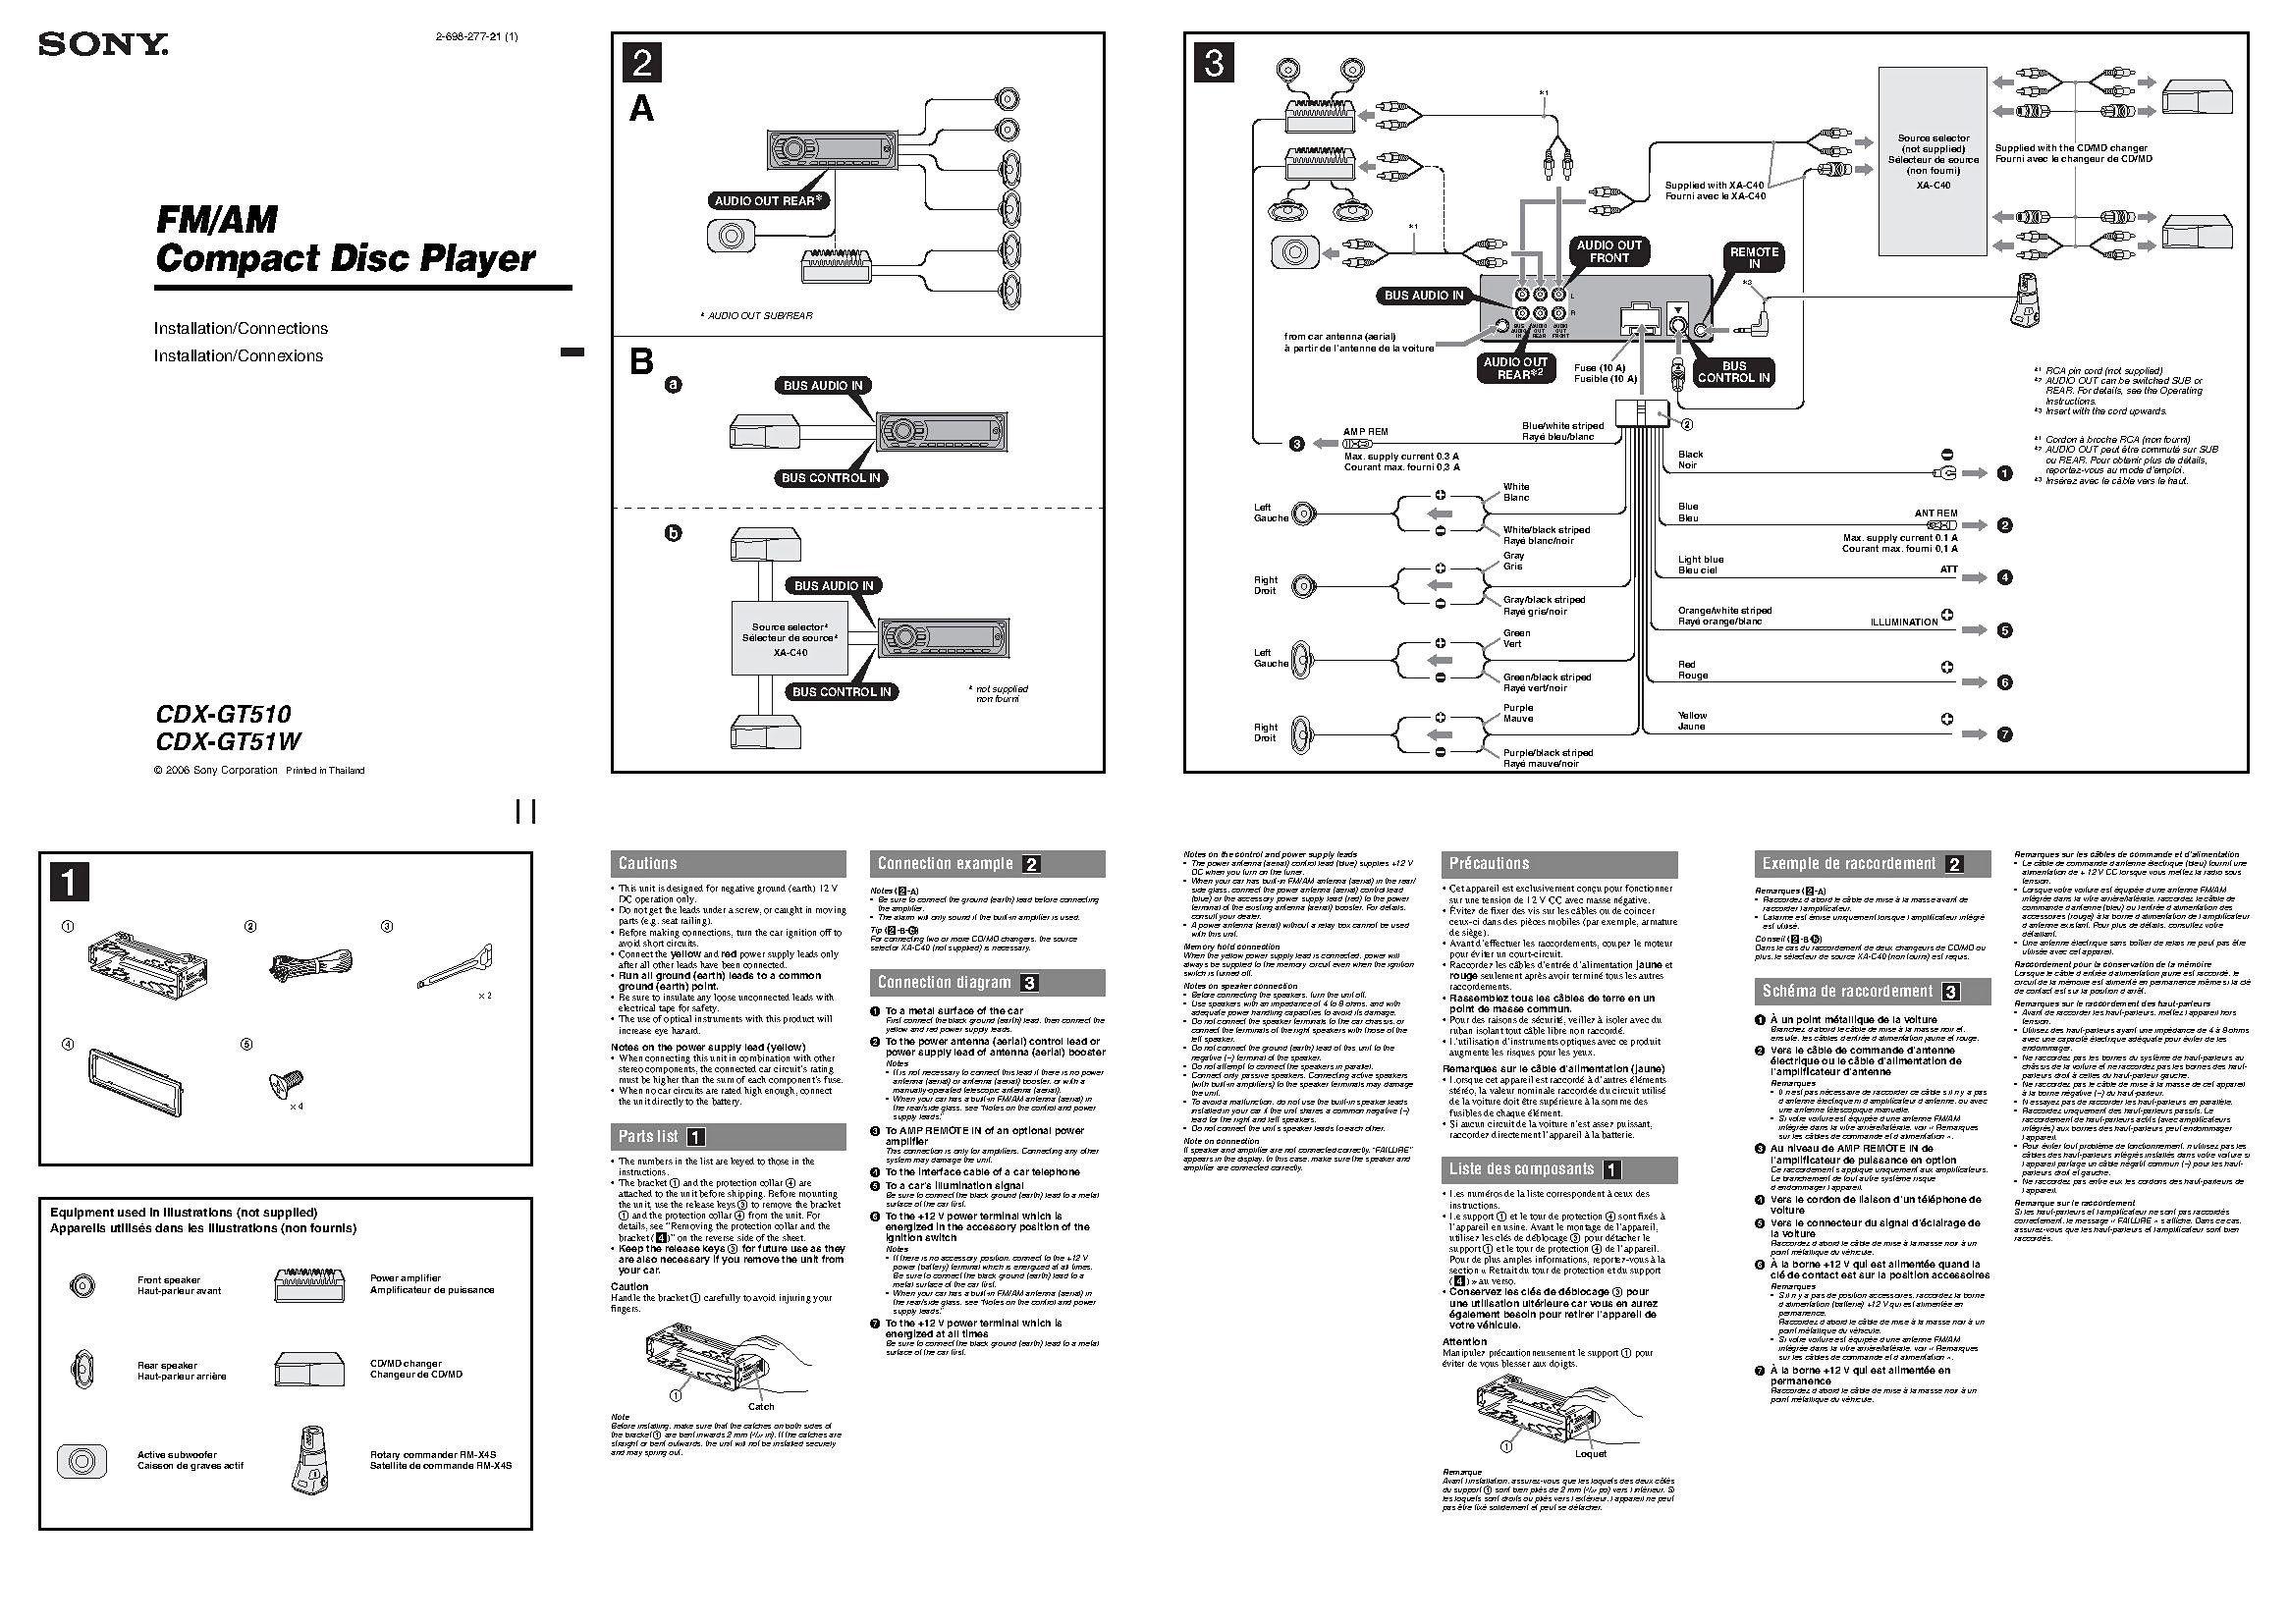 20 Sony Xplod 52wx4 Wiring Diagram Kentucky In 2021 Sony Xplod Sony Car Stereo Sony - msd digital 6al ignition wiring diagram